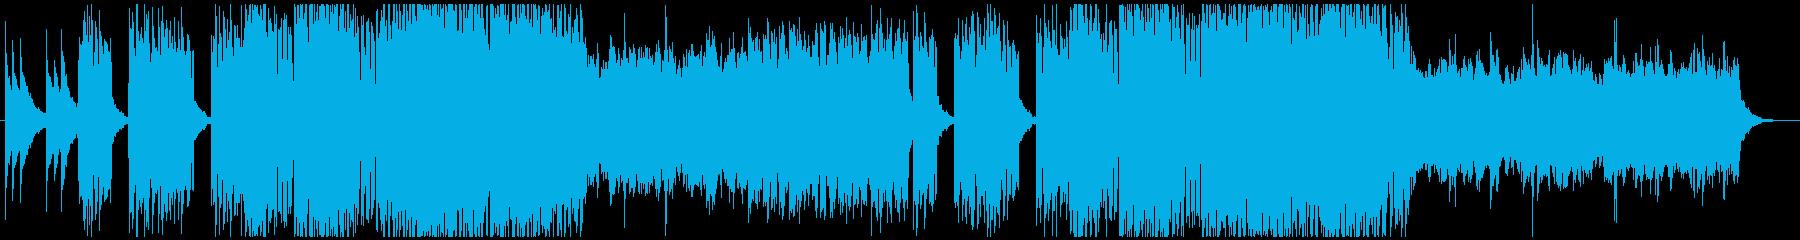 StylishなPOPトラックの再生済みの波形